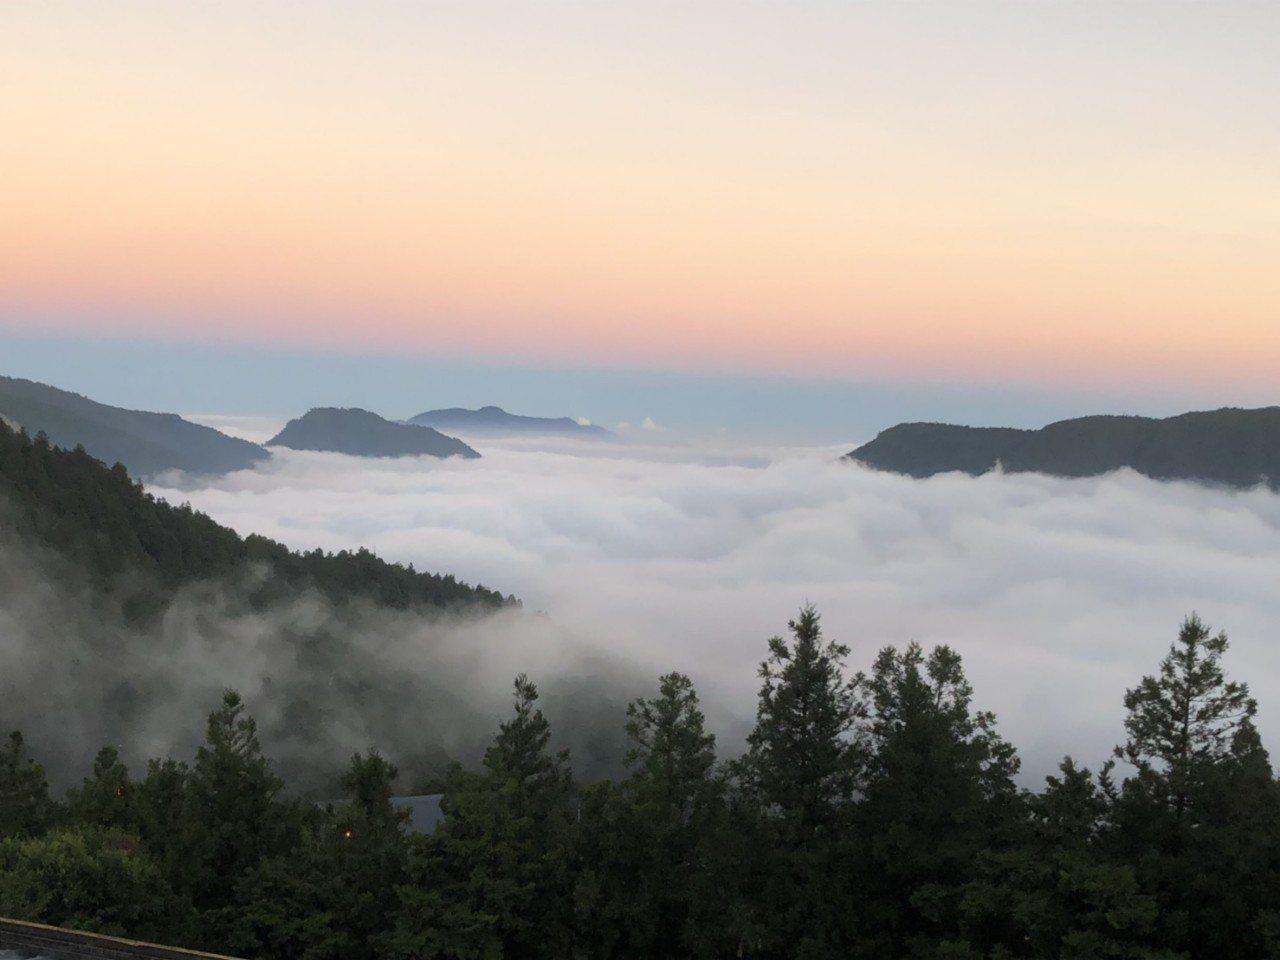 海拔2千超級雲海 太平山莊:不該在此刻出現的美景